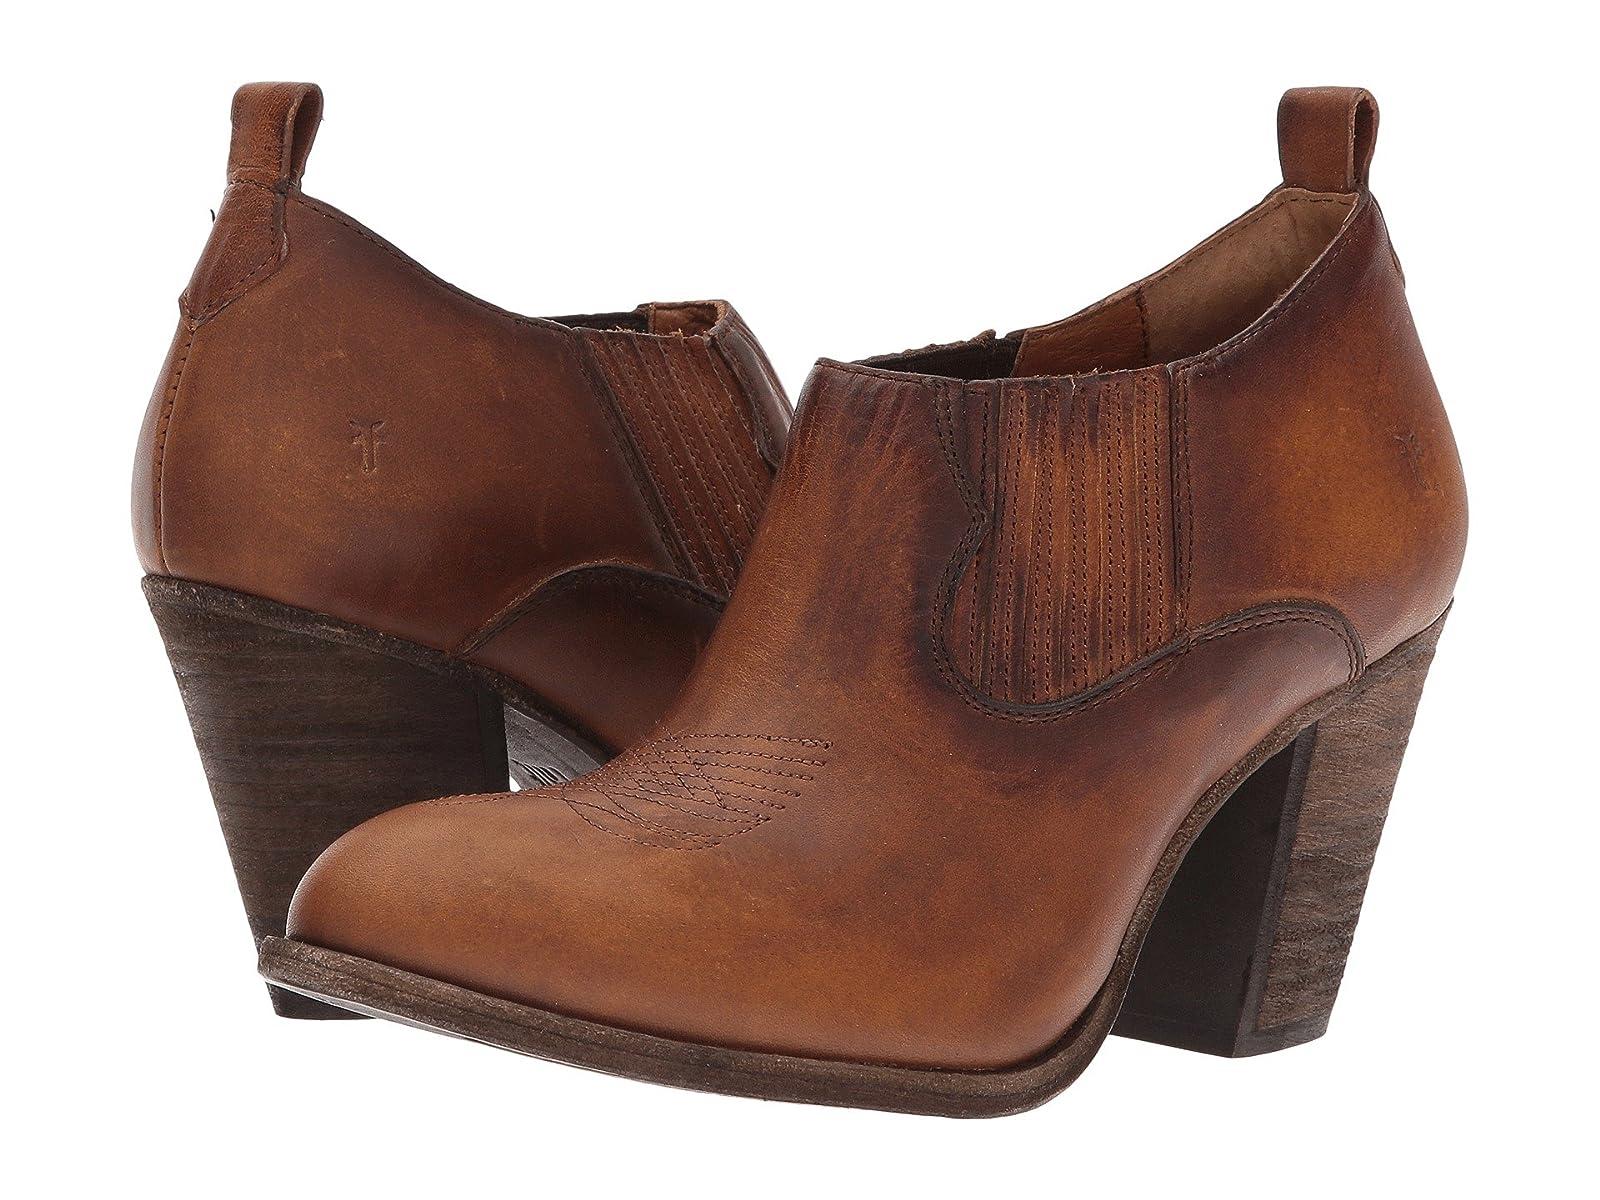 Frye Ilana ShootieCheap and distinctive eye-catching shoes